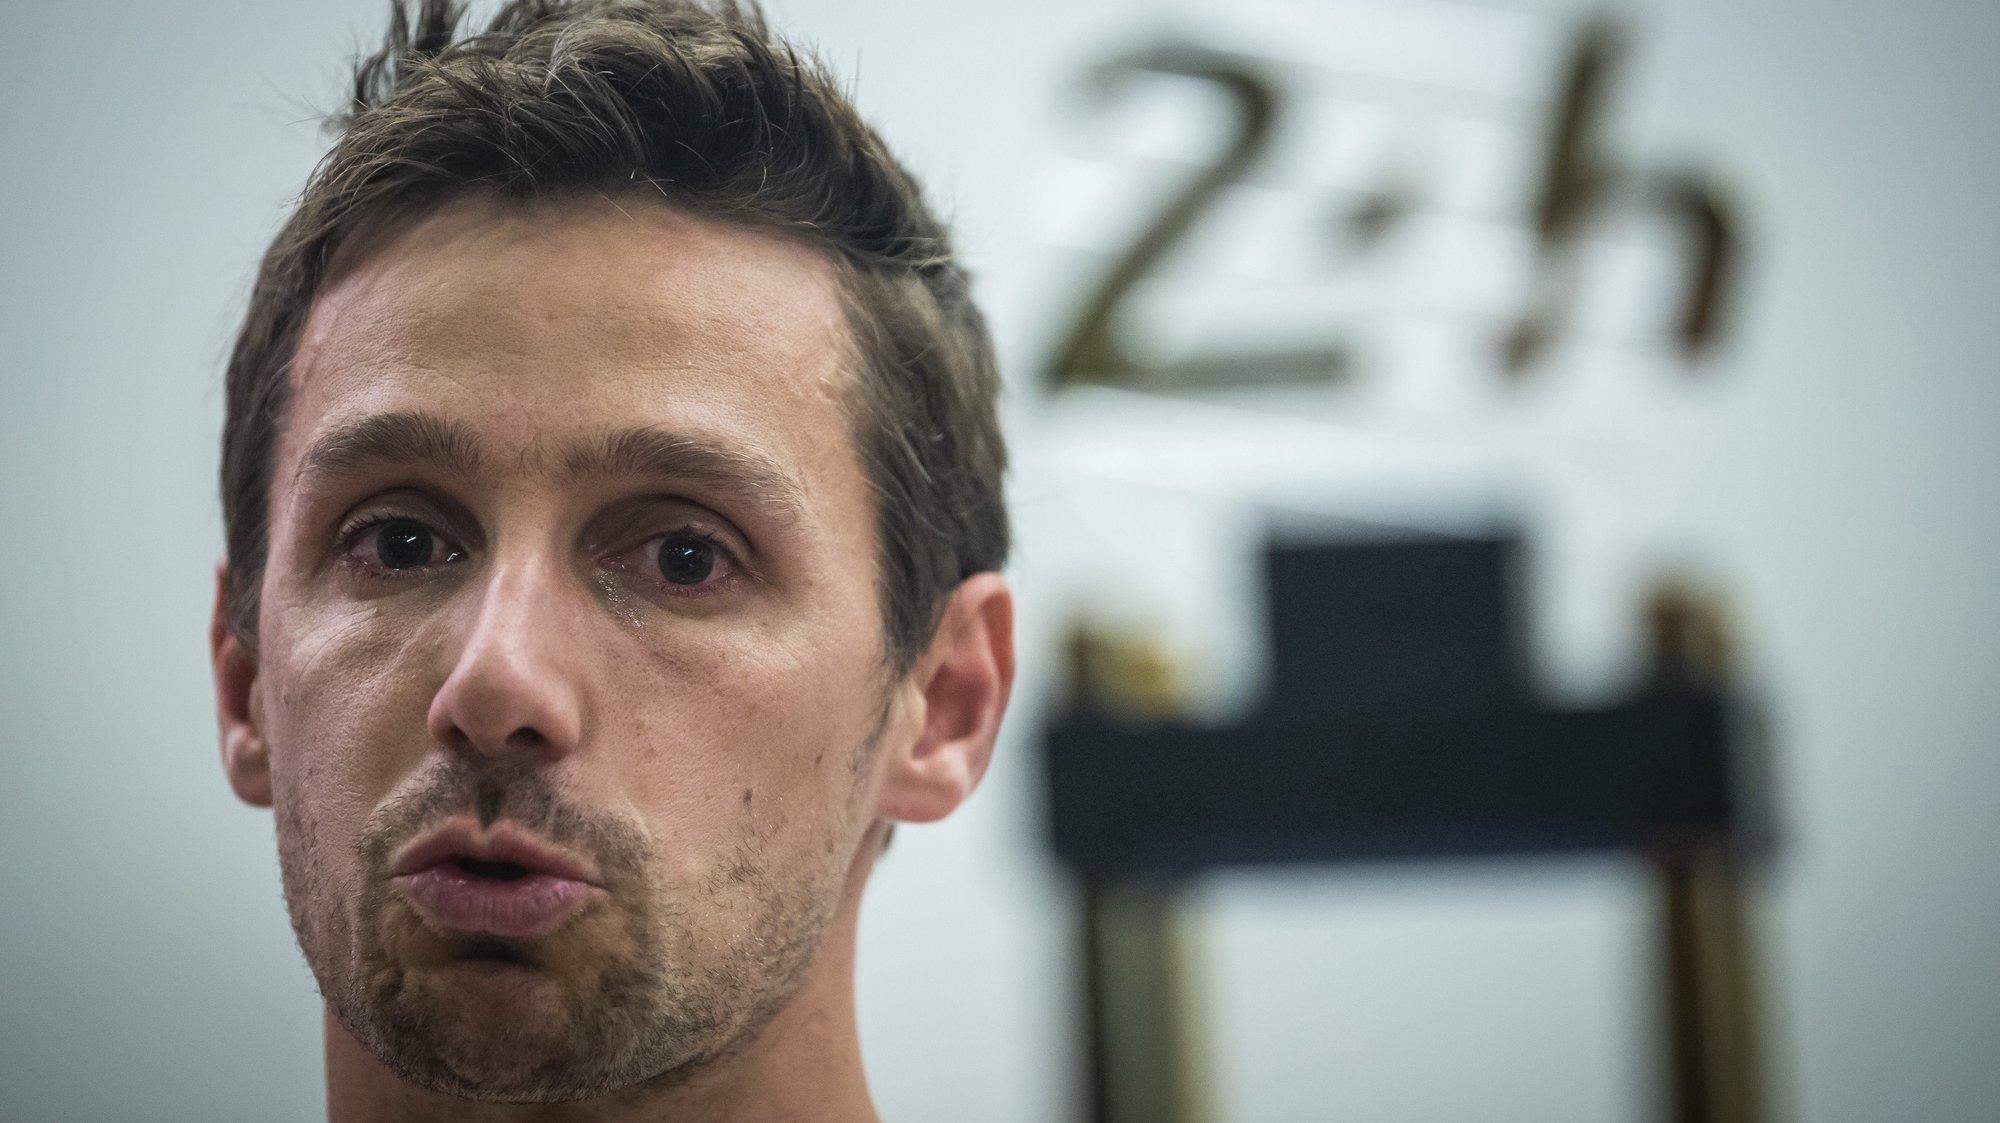 O piloto Filipe Albuquerque, que ontem venceu as 24 Horas de Le Mans em automobilismo, na classe LMP2, emociona-se a falar do seu pai que faleceu recentemente, durante uma conferência de imprensa no Aeroporto de Lisboa, 21 de setembro de 2020. JOSÉ SENA GOULÃO/LUSA